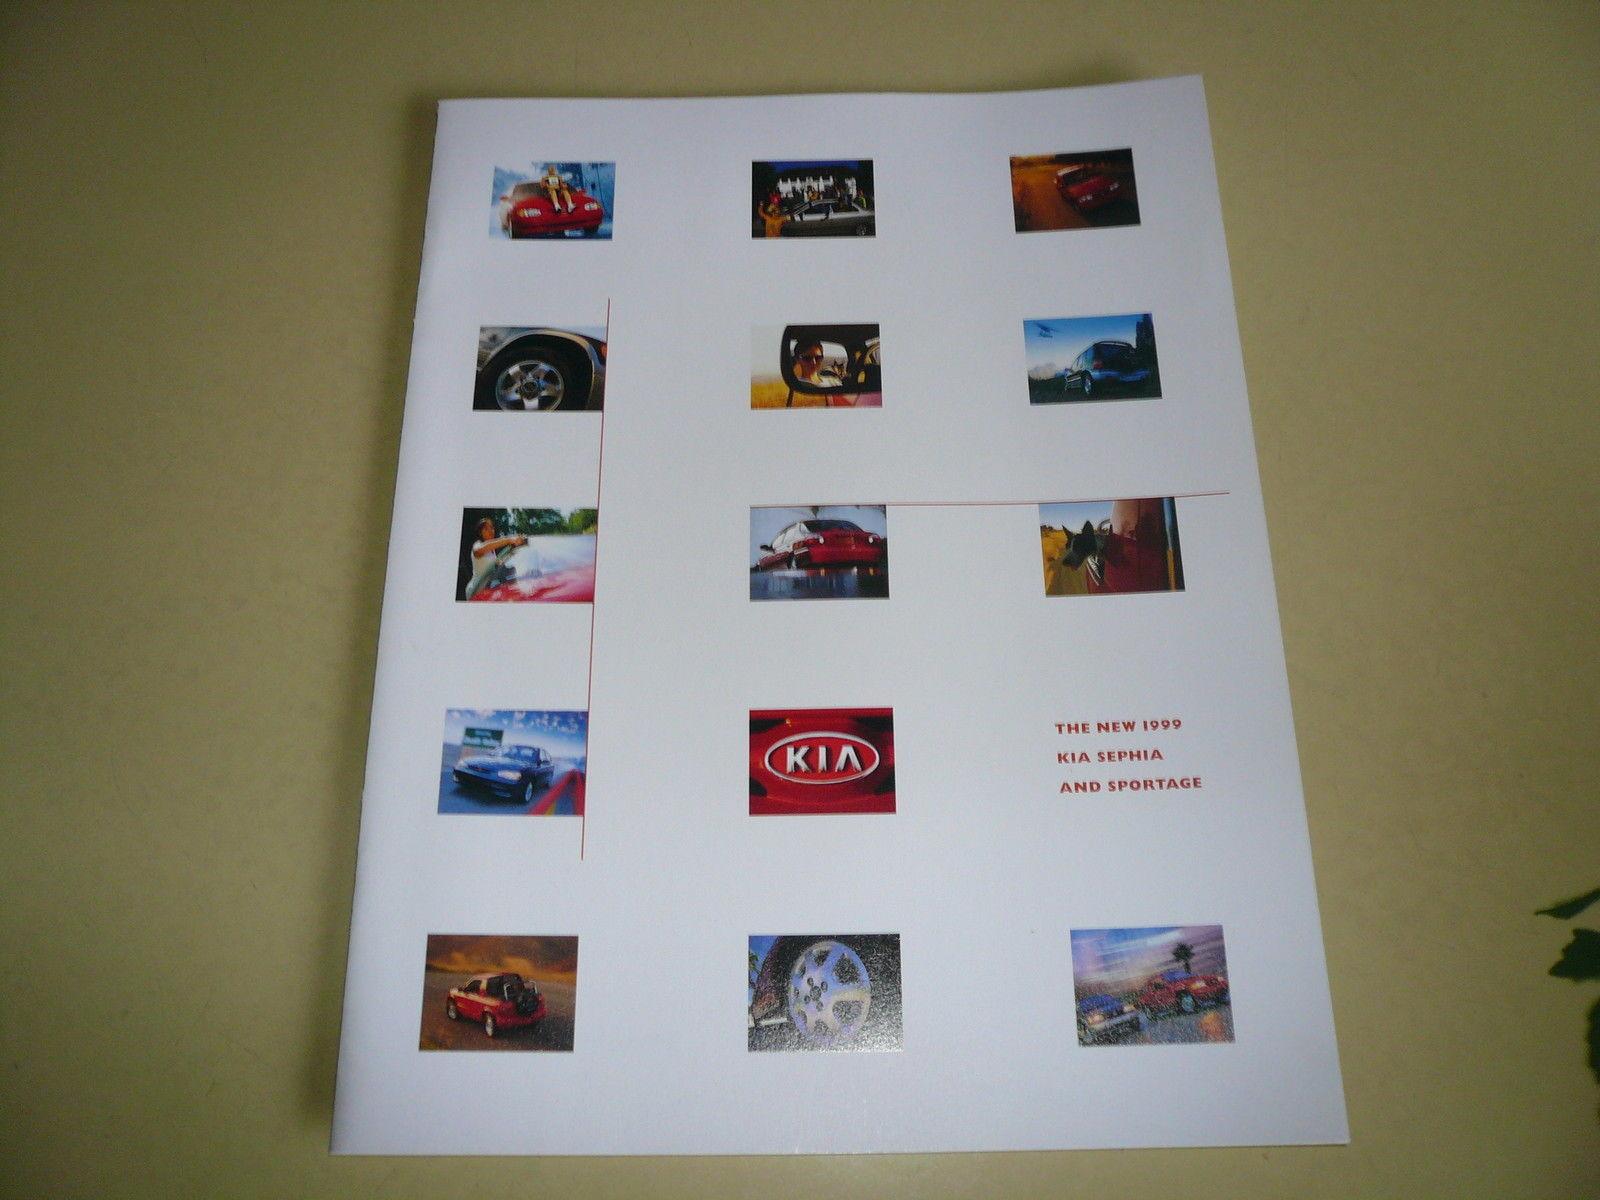 1999 Kia Sephia Sportage Sales Brochure - $7.84